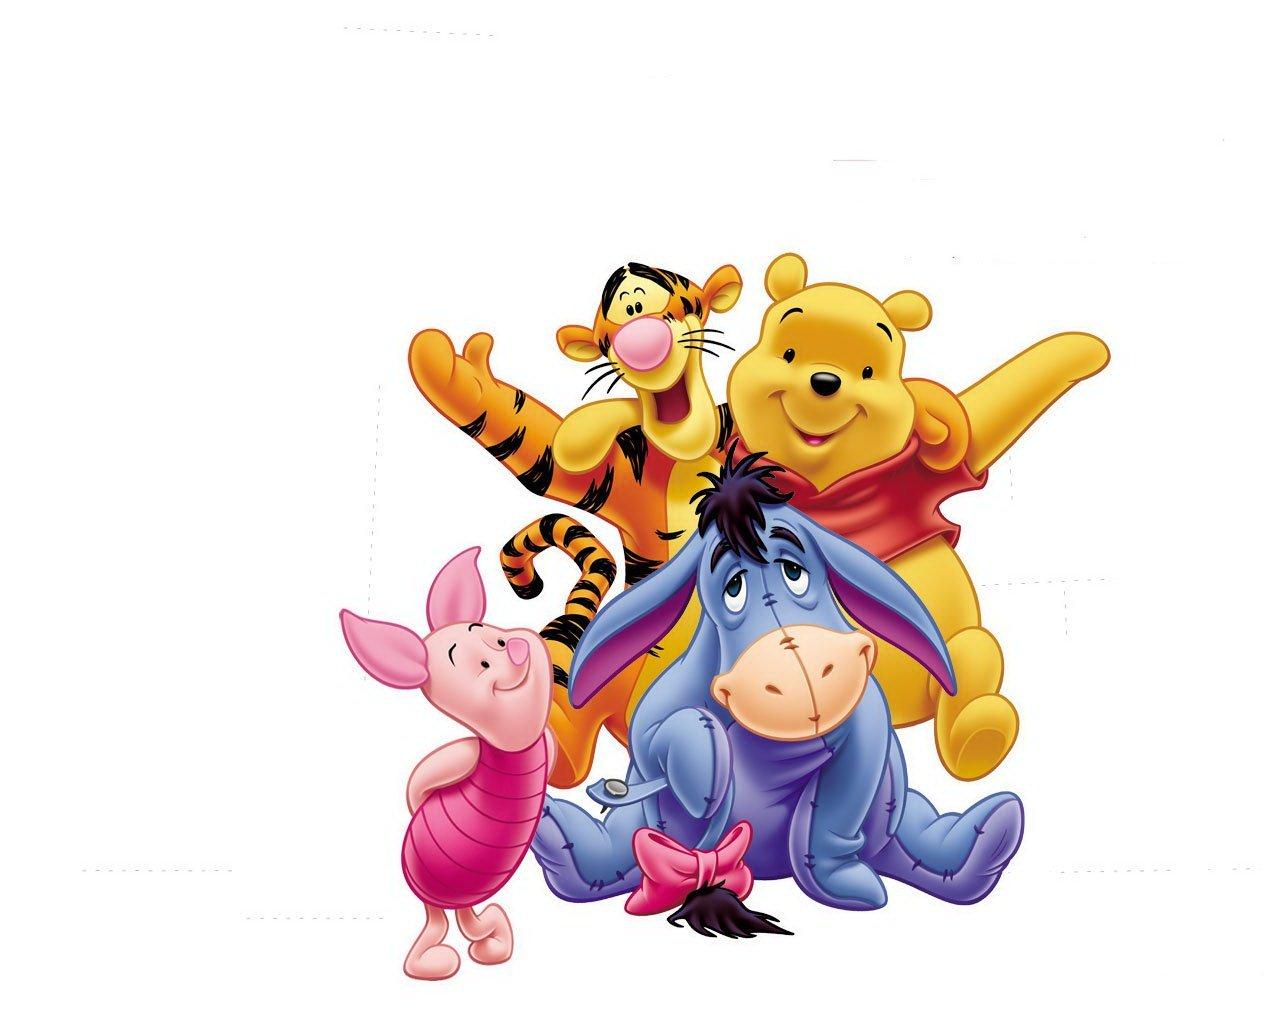 Fondos Gratis - Winnie Pooh